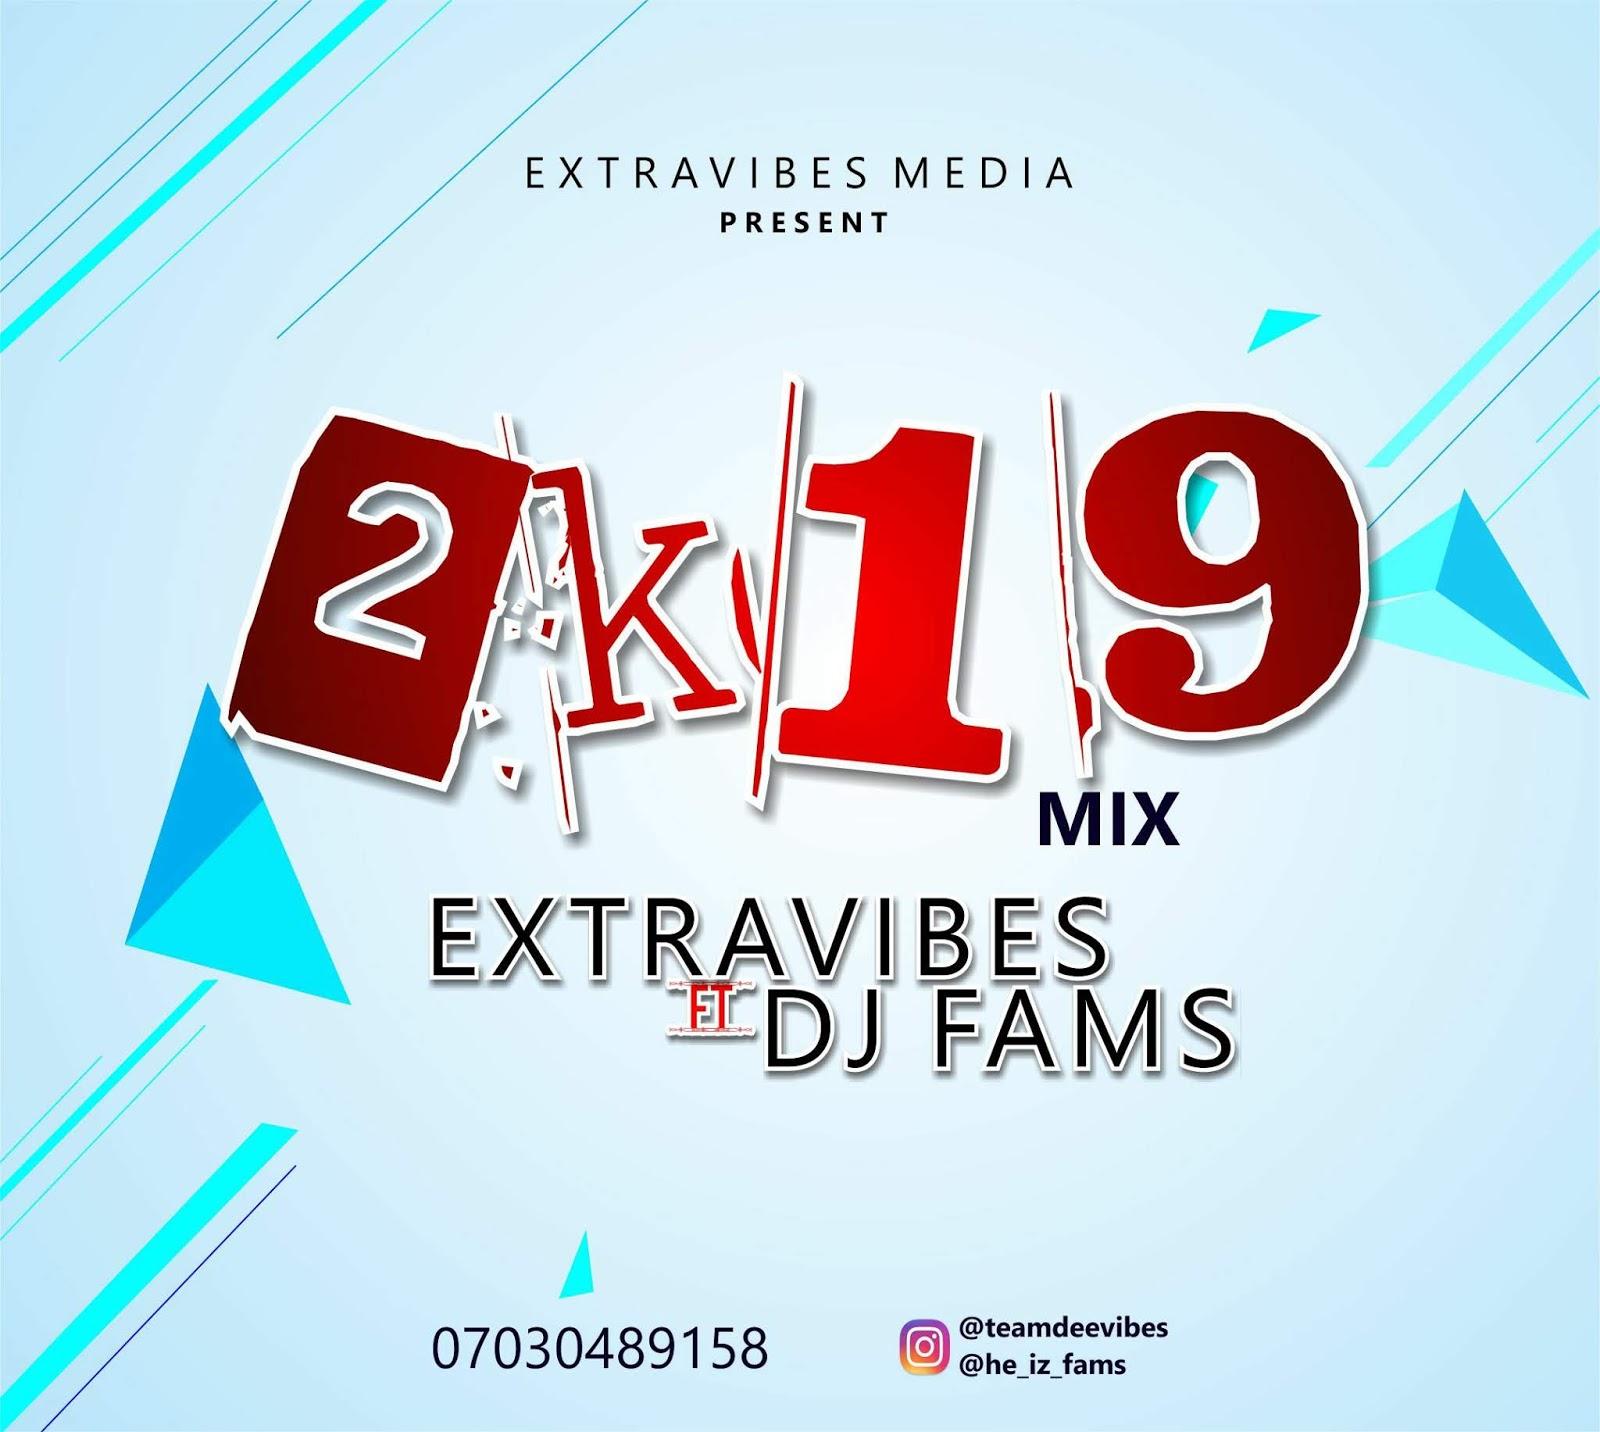 DJ FAMS